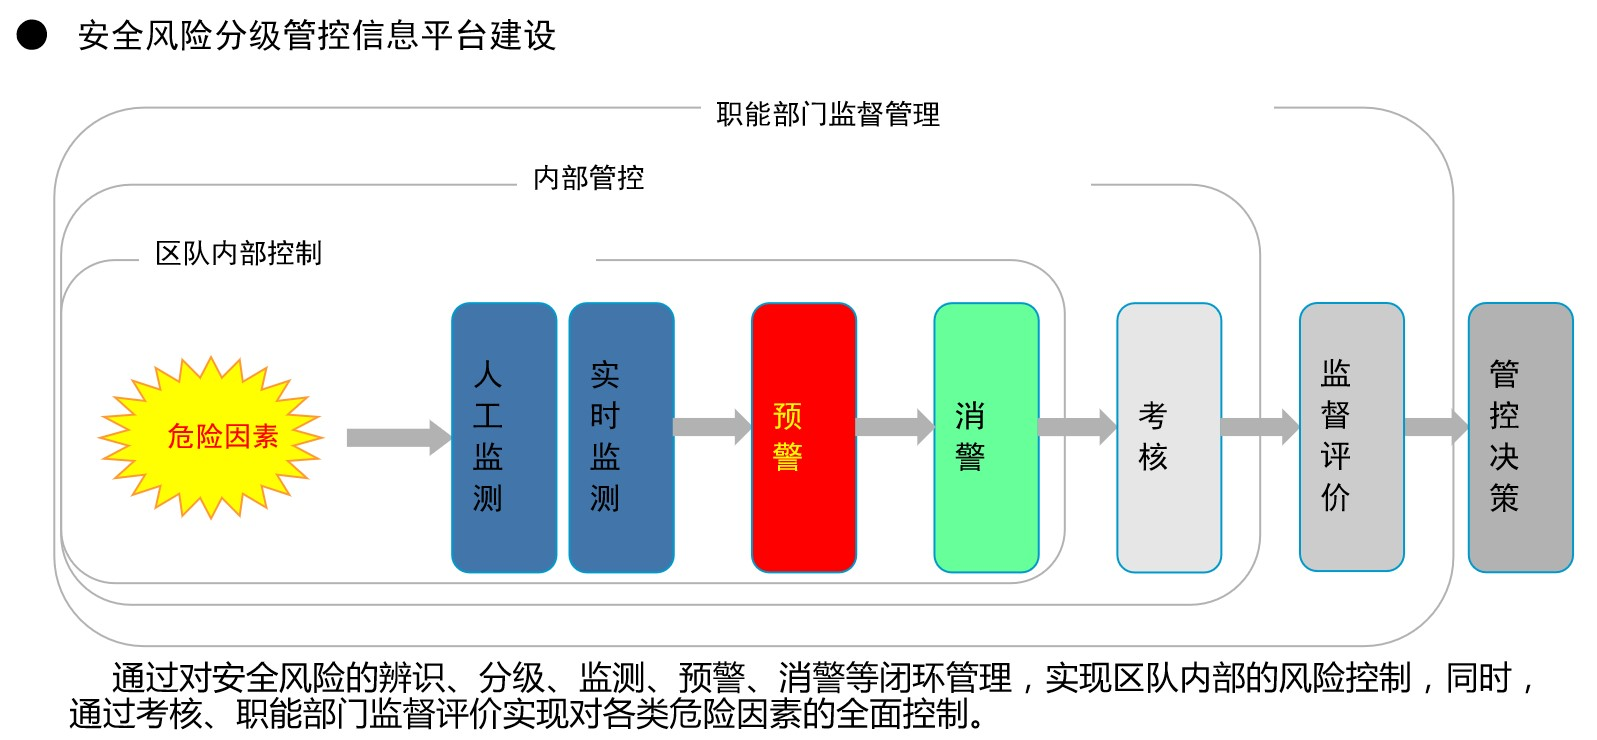 安全风险分级管控信息平台建设1.jpg